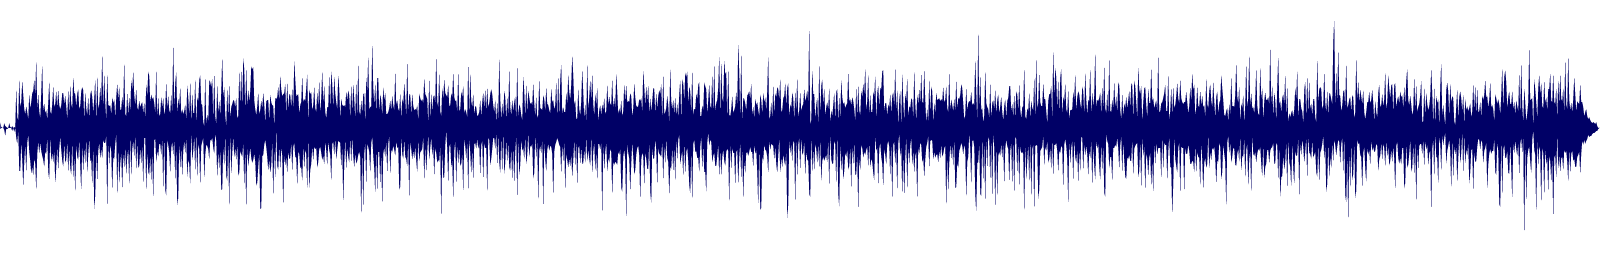 waveform of track #159875